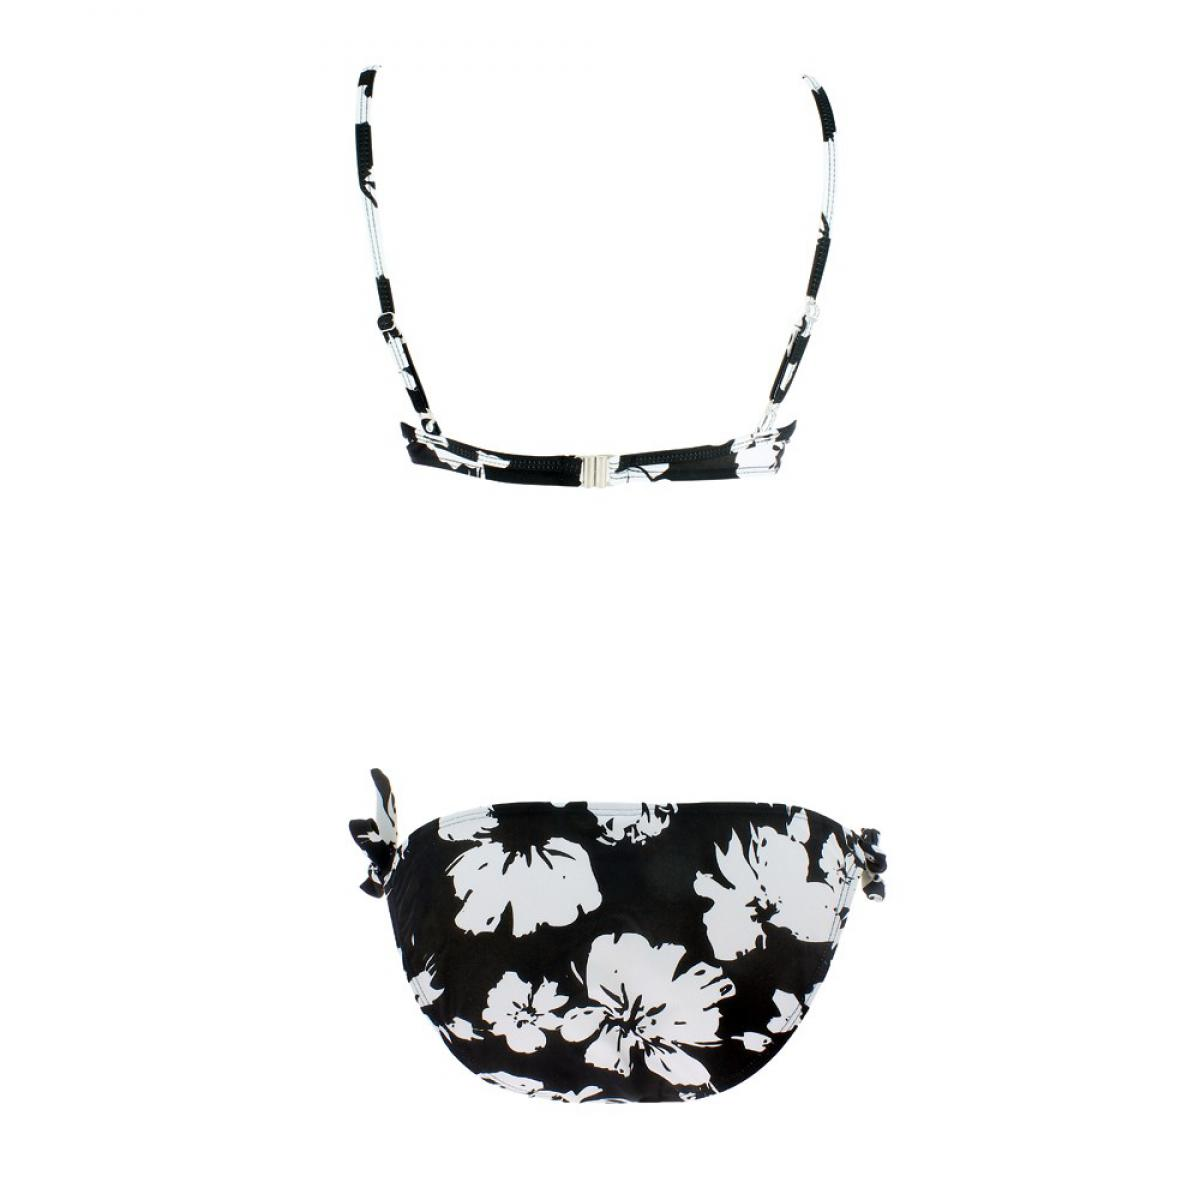 maillot 2 pi ces coqu flowers noir par dim maillot de bain. Black Bedroom Furniture Sets. Home Design Ideas